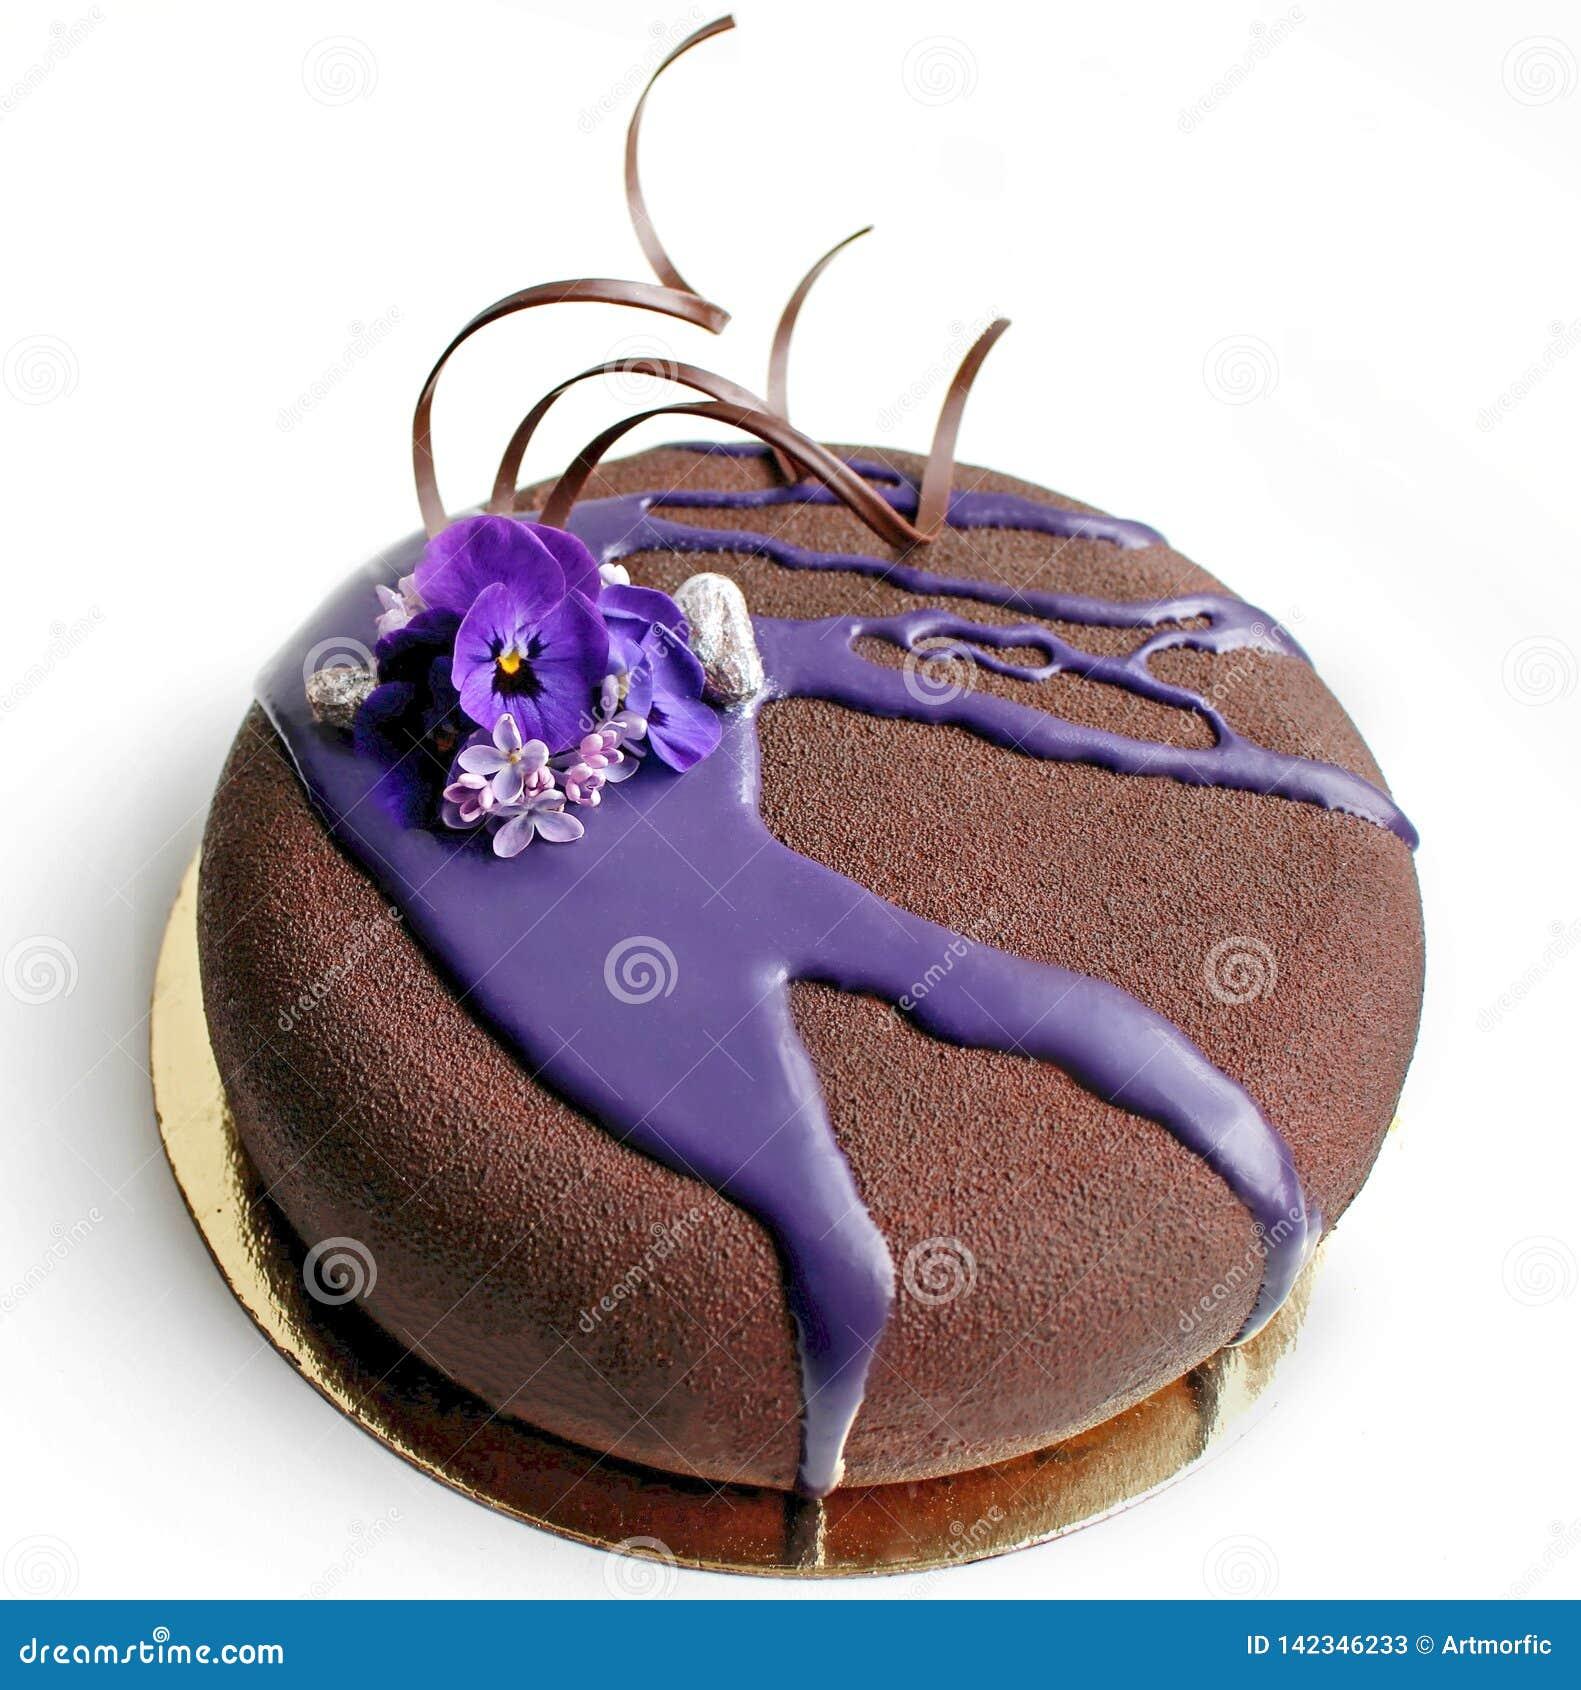 Torta texturizada chocolate de la crema batida con las flores de la primavera y el esmalte púrpura del espejo